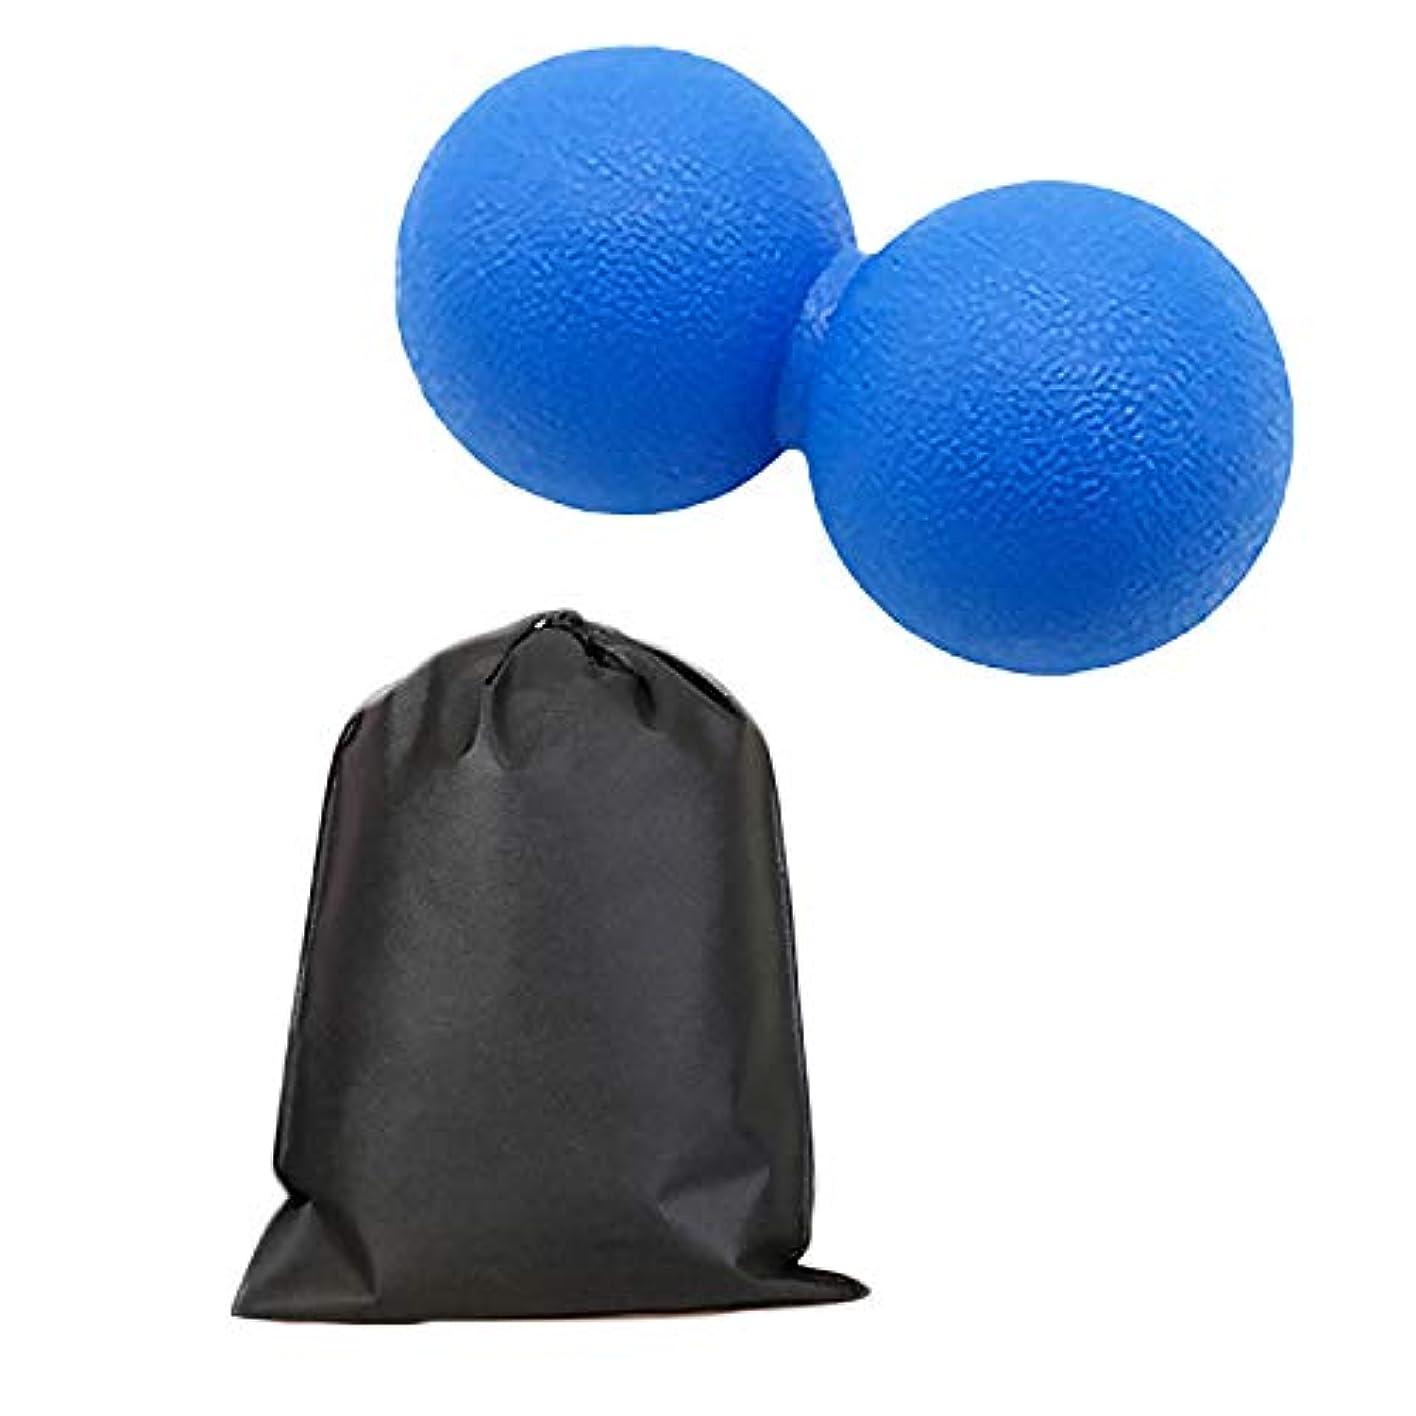 荒れ地マーティンルーサーキングジュニアアイスクリームMigavan マッサージボールローラーバックマッサージボール収納袋が付いているピーナツマッサージのローラーボールのマッサージャー